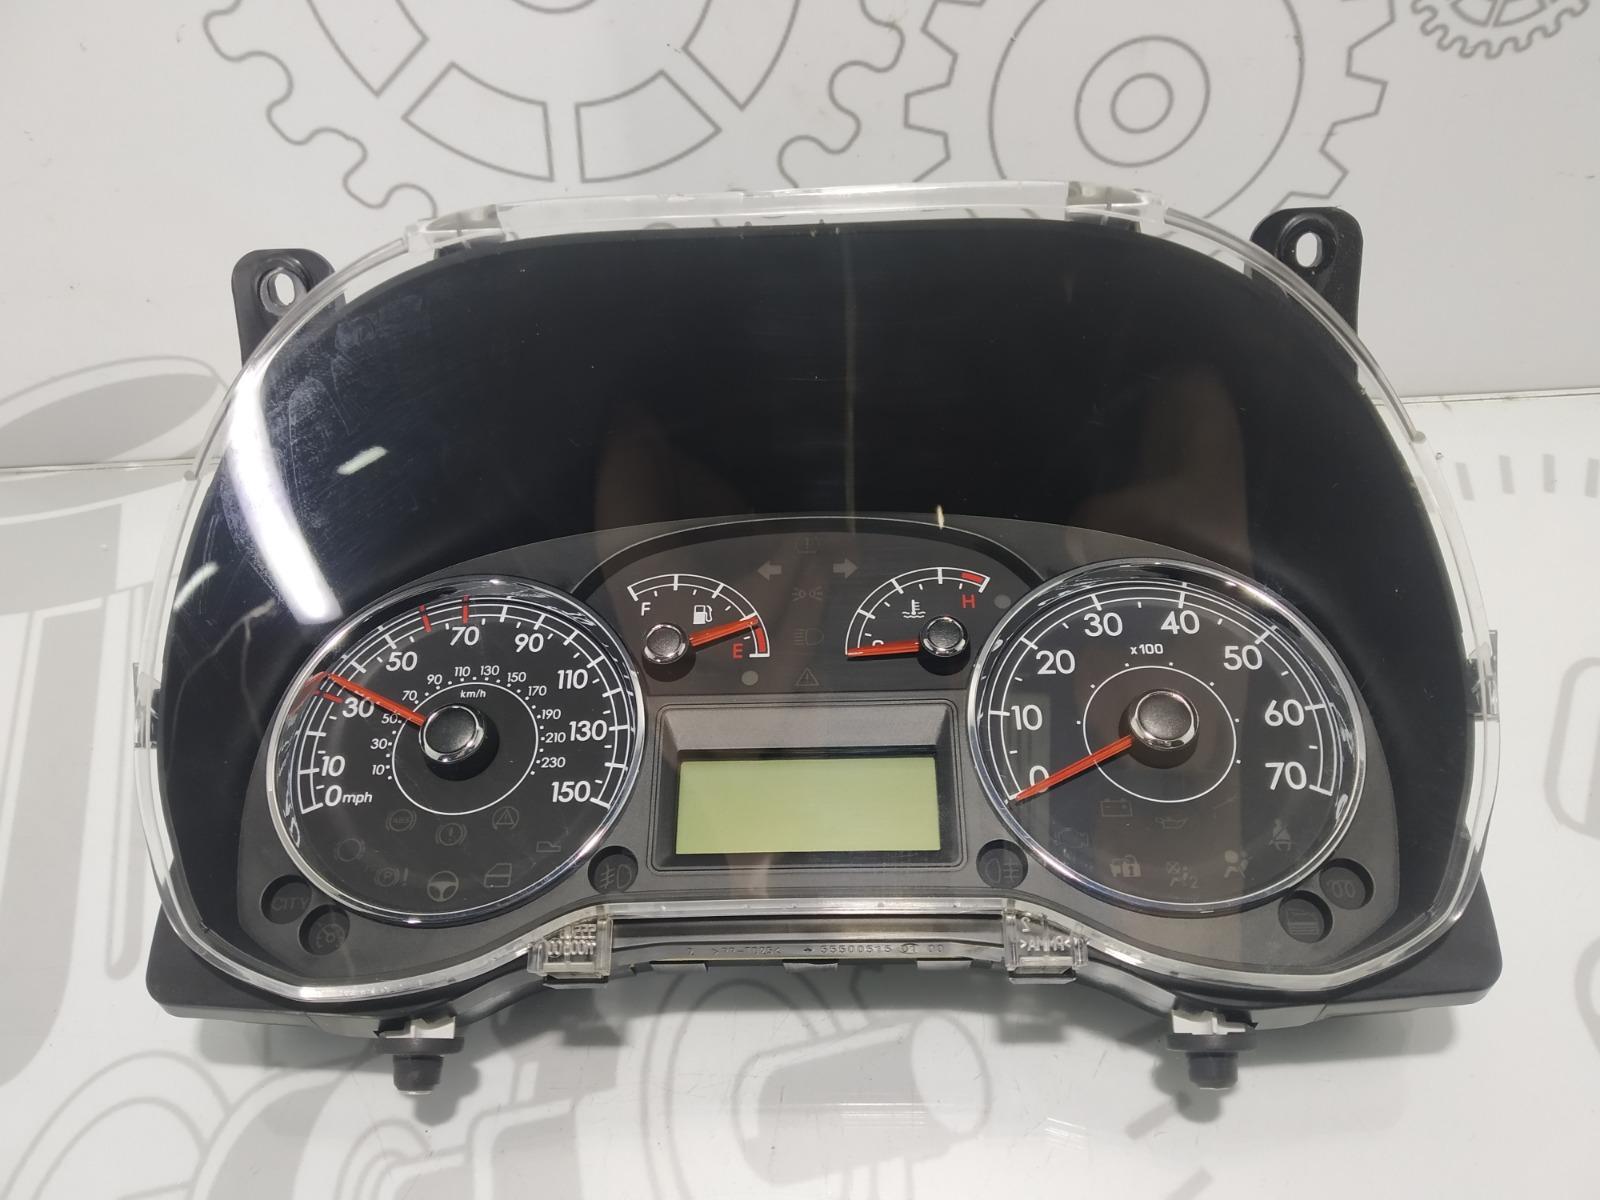 Щиток приборов (приборная панель) Fiat Grande Punto 1.4 I 2009 (б/у)